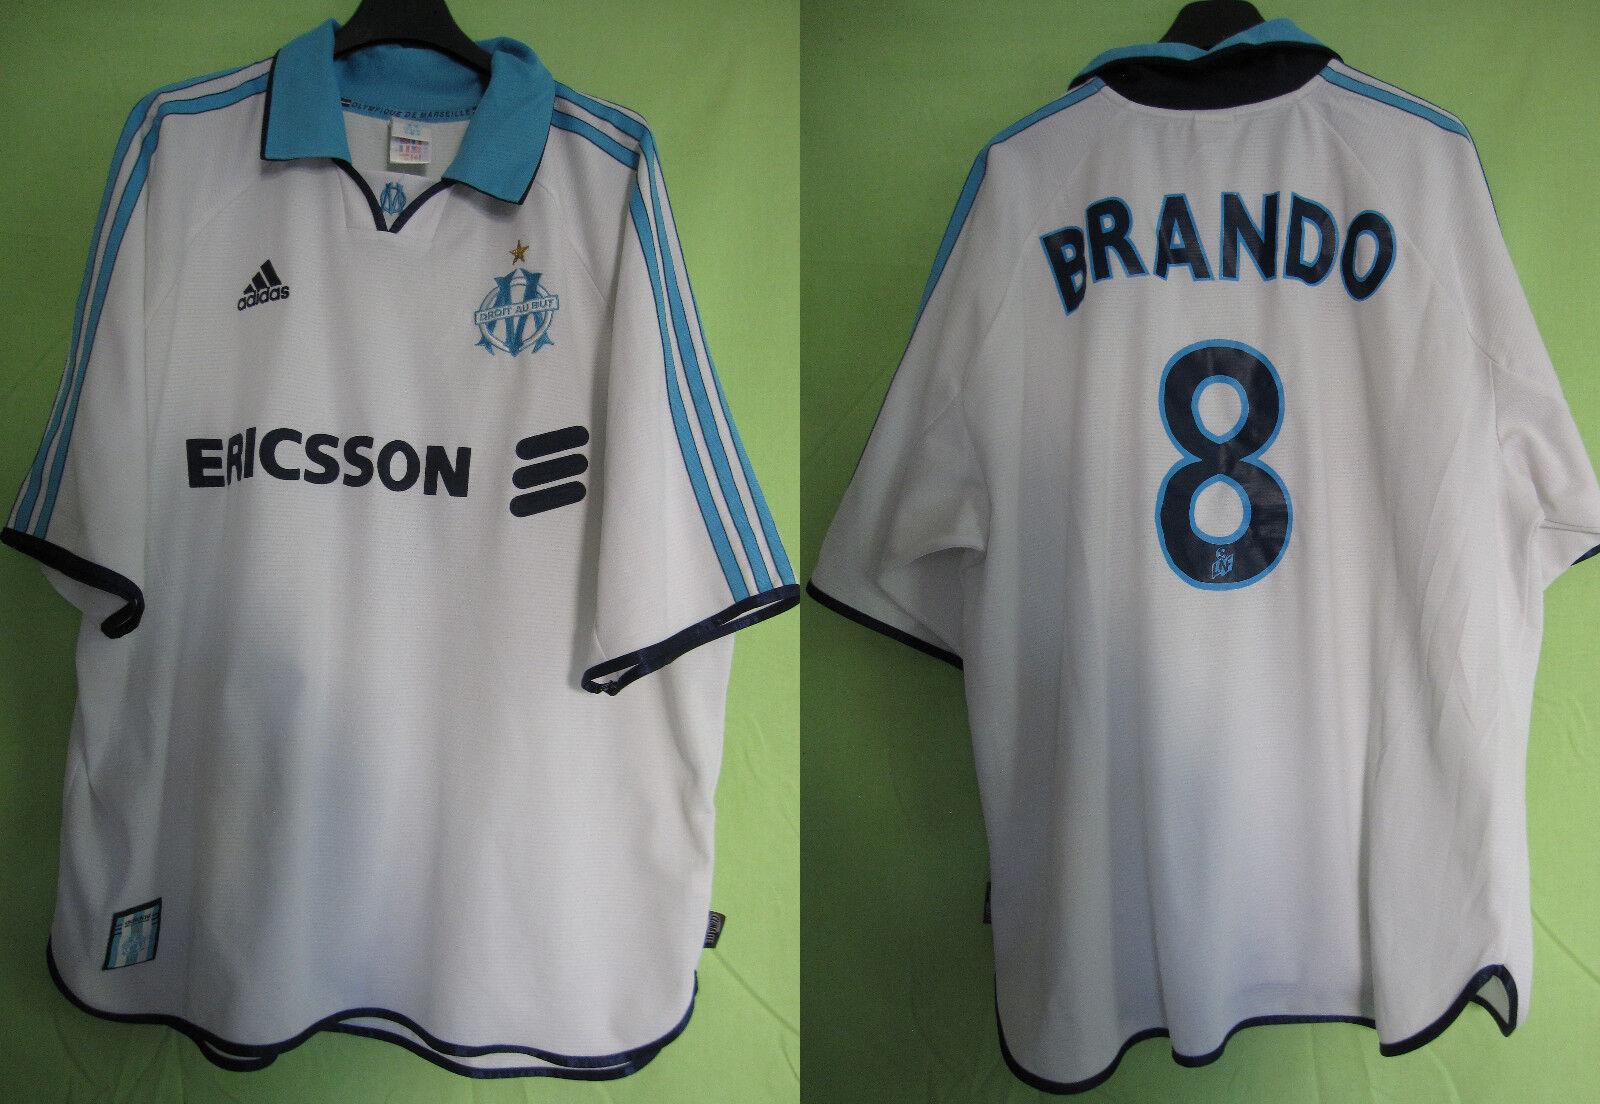 Maillot Olympique de Marseille 1999 Football shirt  BRANDO   8 OM Ericsson - XL  Compra calidad 100% autentica